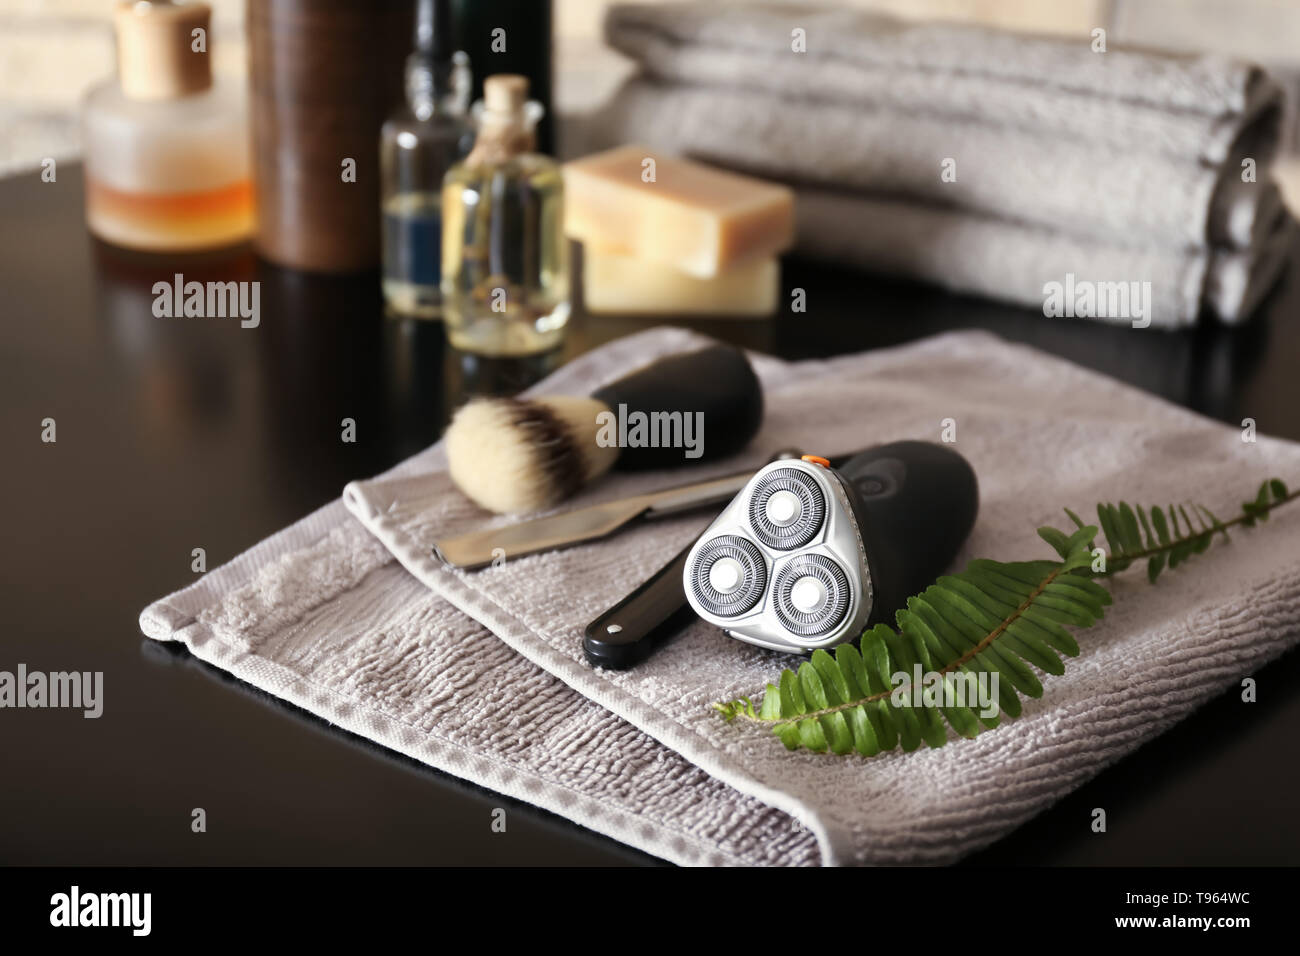 Accesorios de afeitado para hombres en el cuadro oscuro Foto de stock